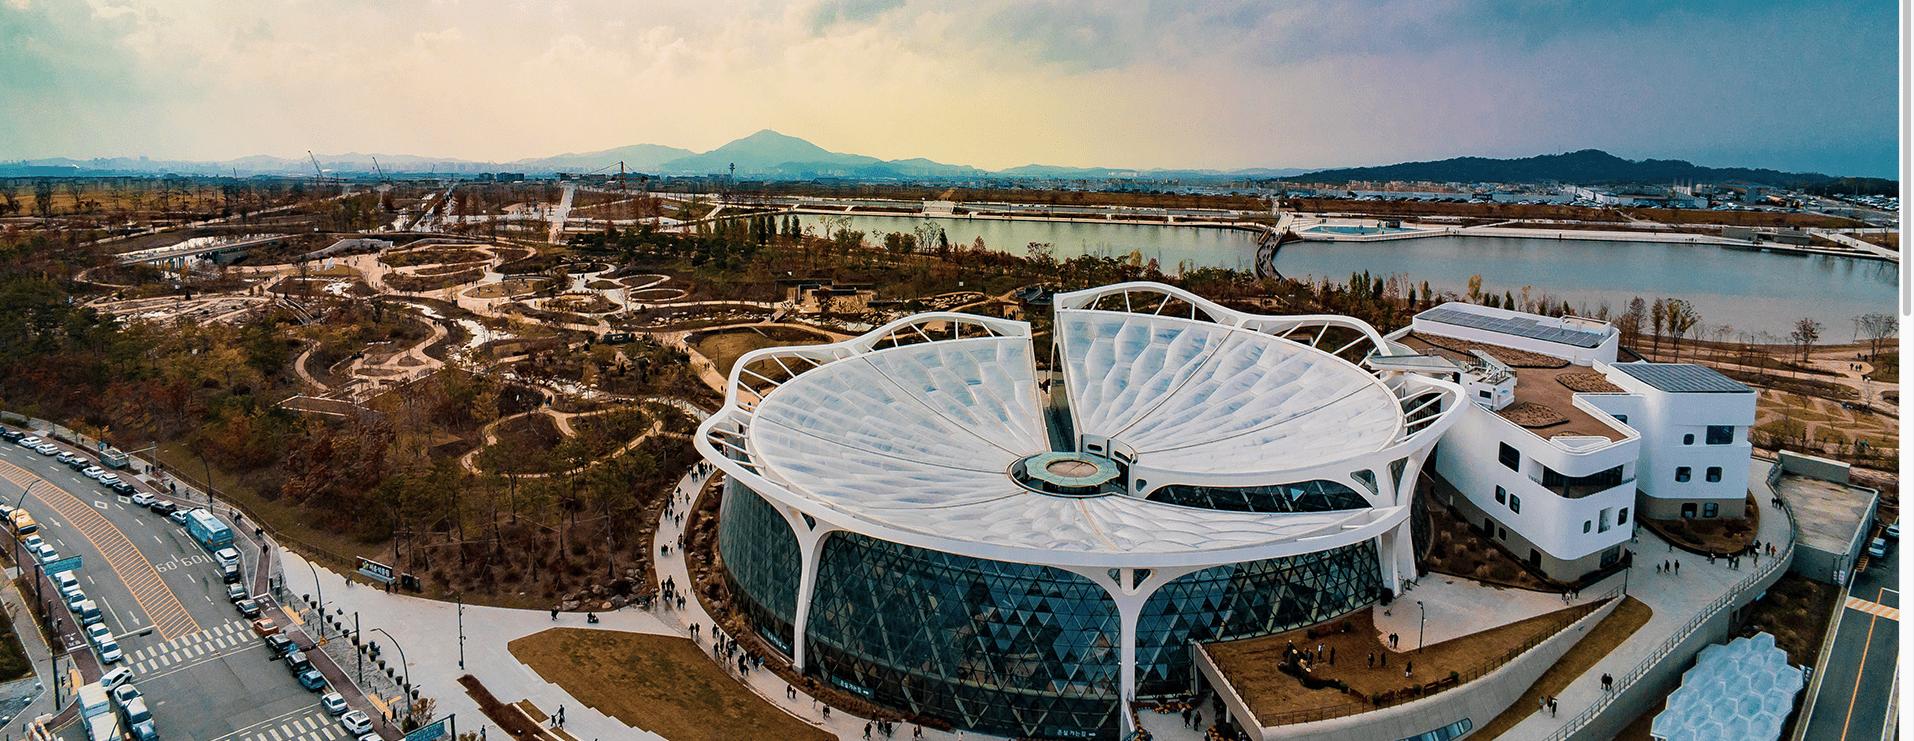 Seoul Botanic Park | Gangseo-gu, Seoul